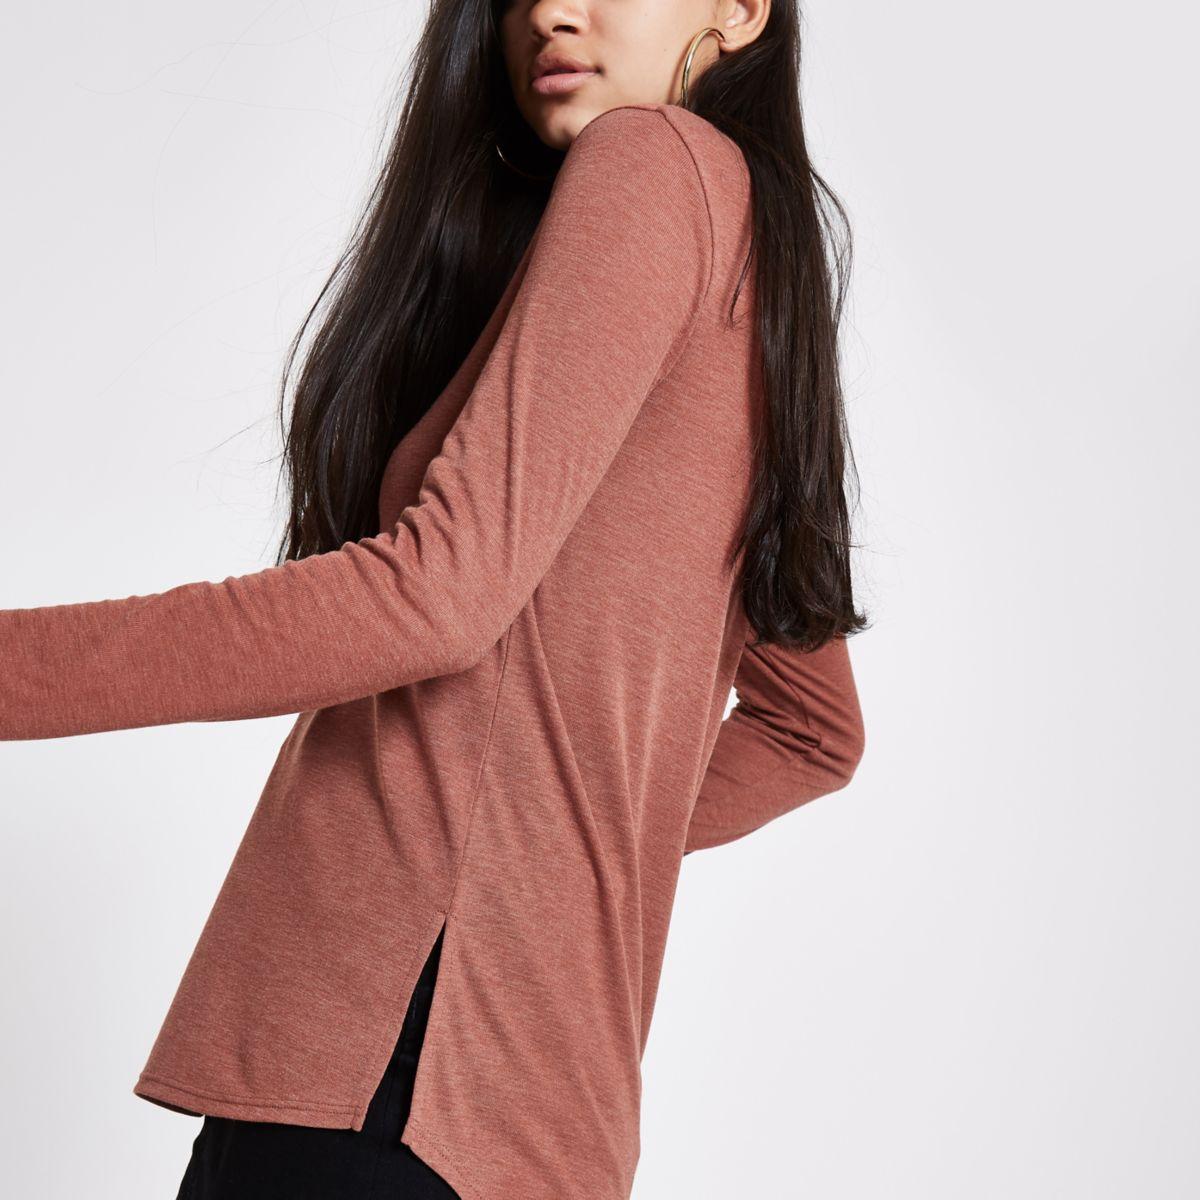 Light brown scoop neck T-shirt